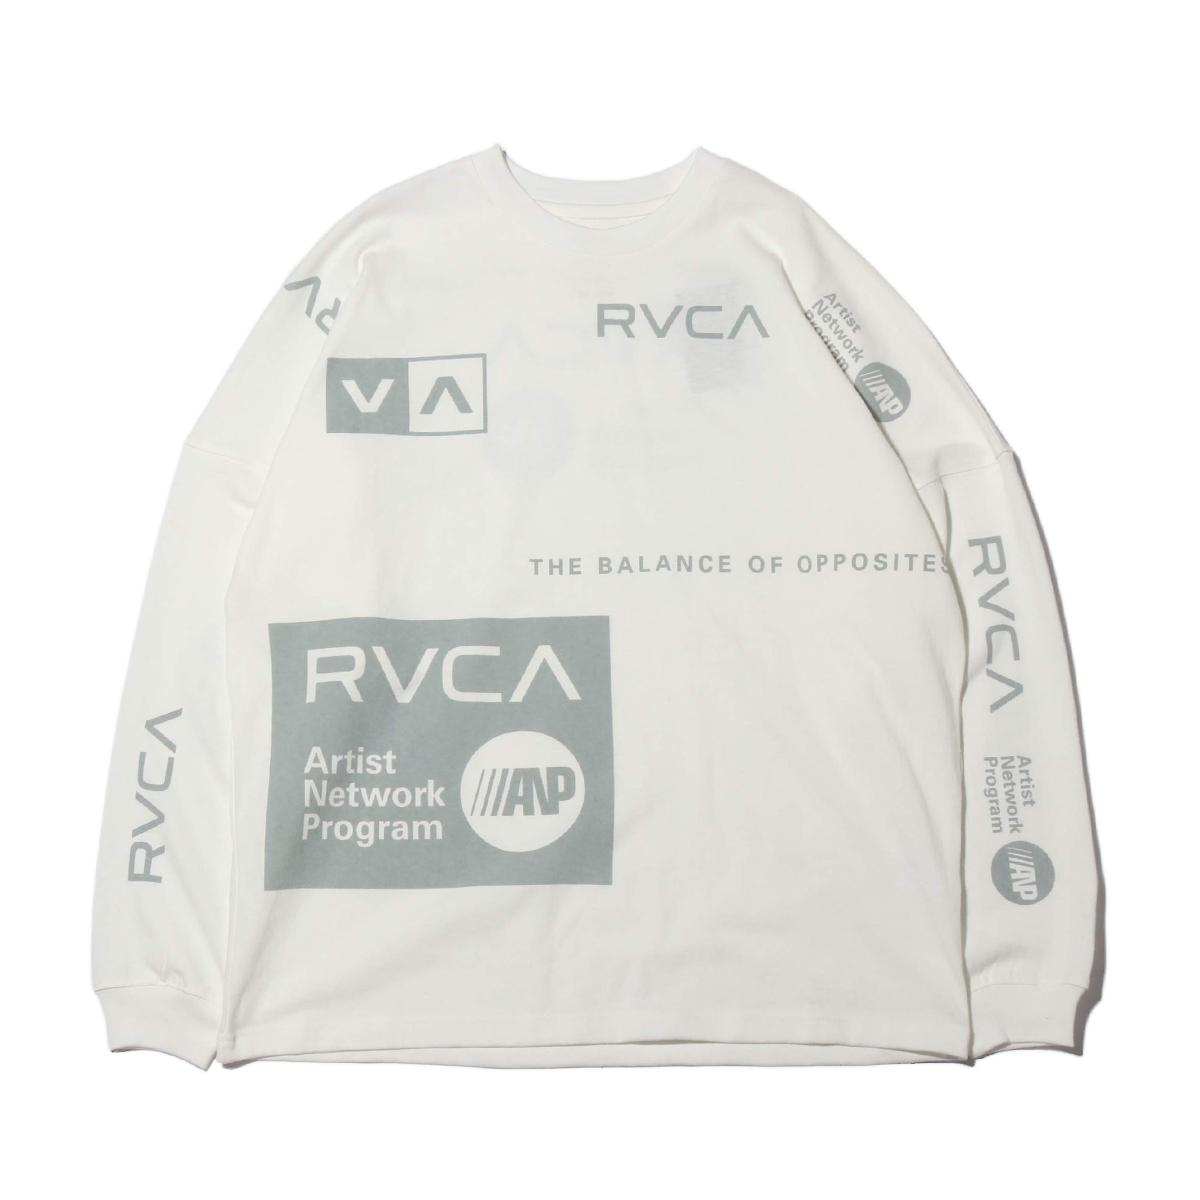 RVCA ALL OVER RVCA LT(ルーカ オールオーバー ルーカ ロングティー)WHITE【メンズ 長袖Tシャツ】19FW-I